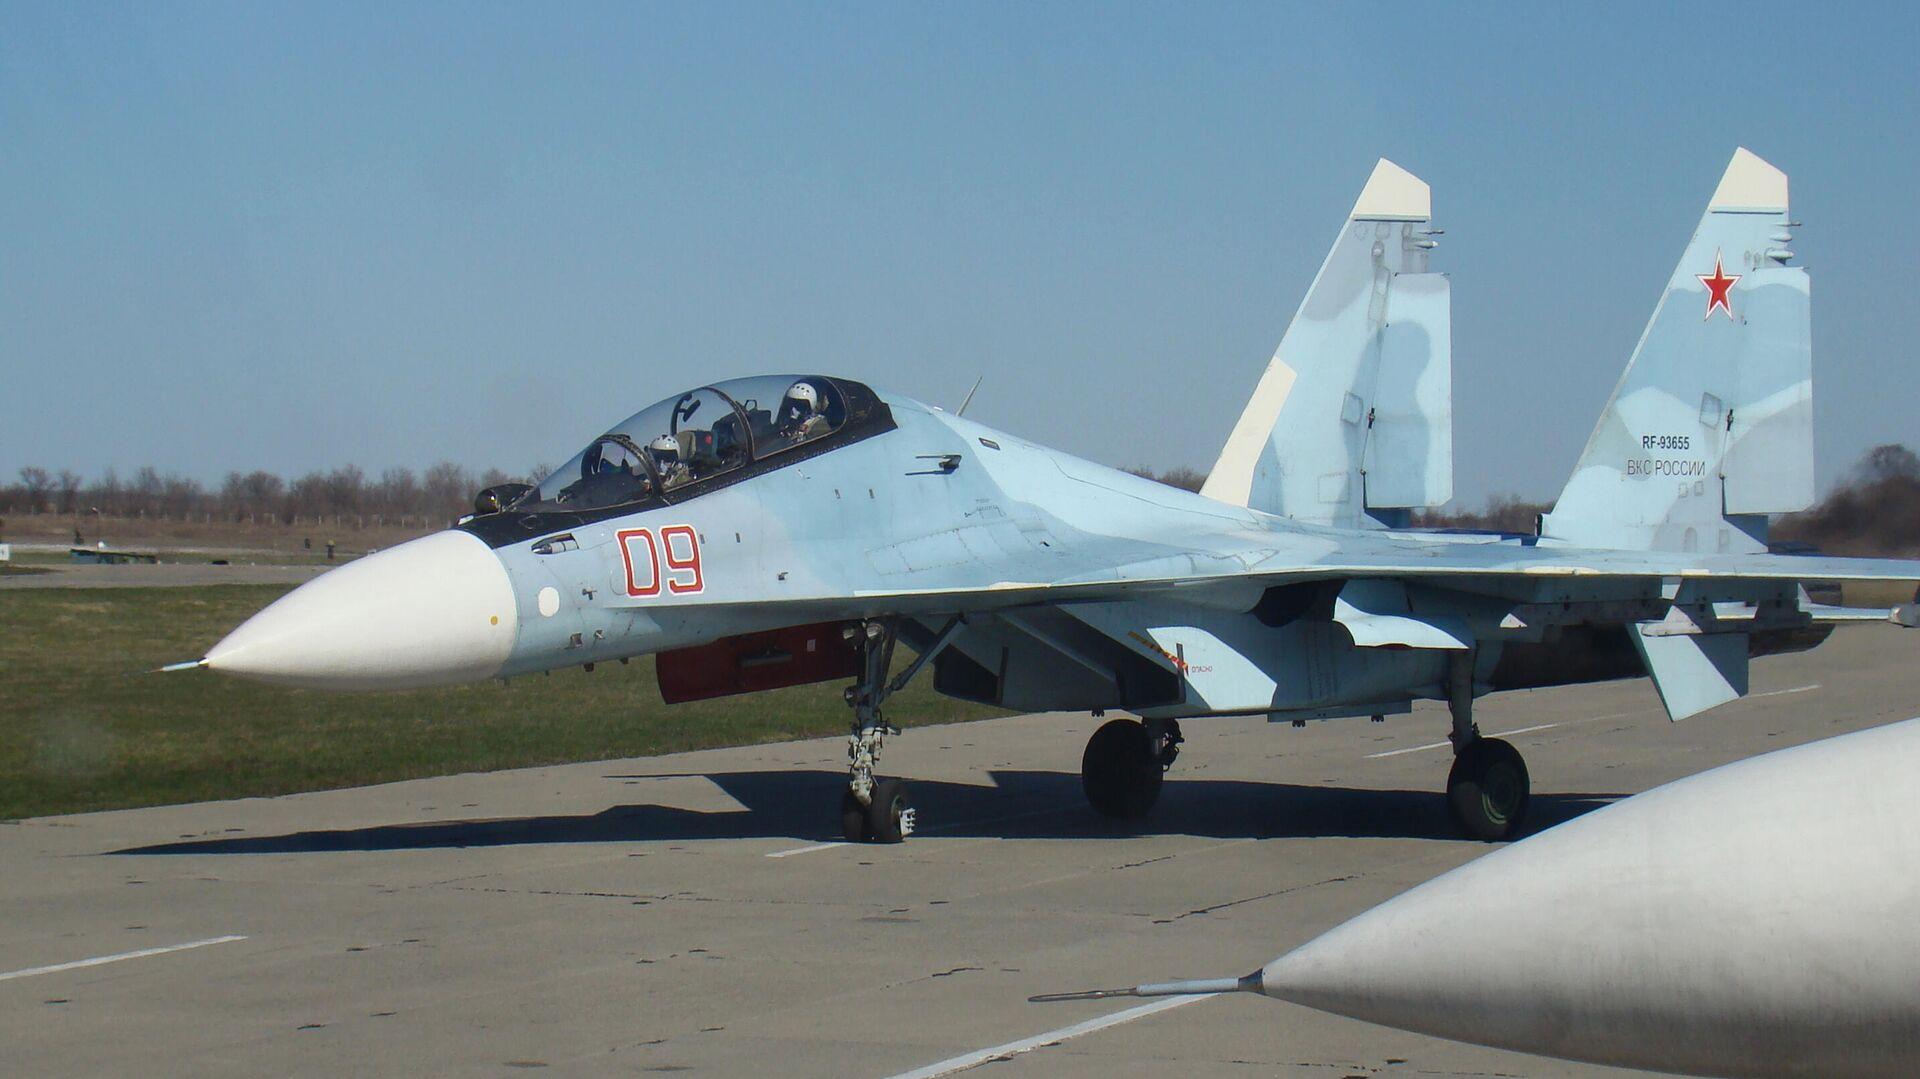 Истребитель Су-30СМ  - РИА Новости, 1920, 01.06.2021